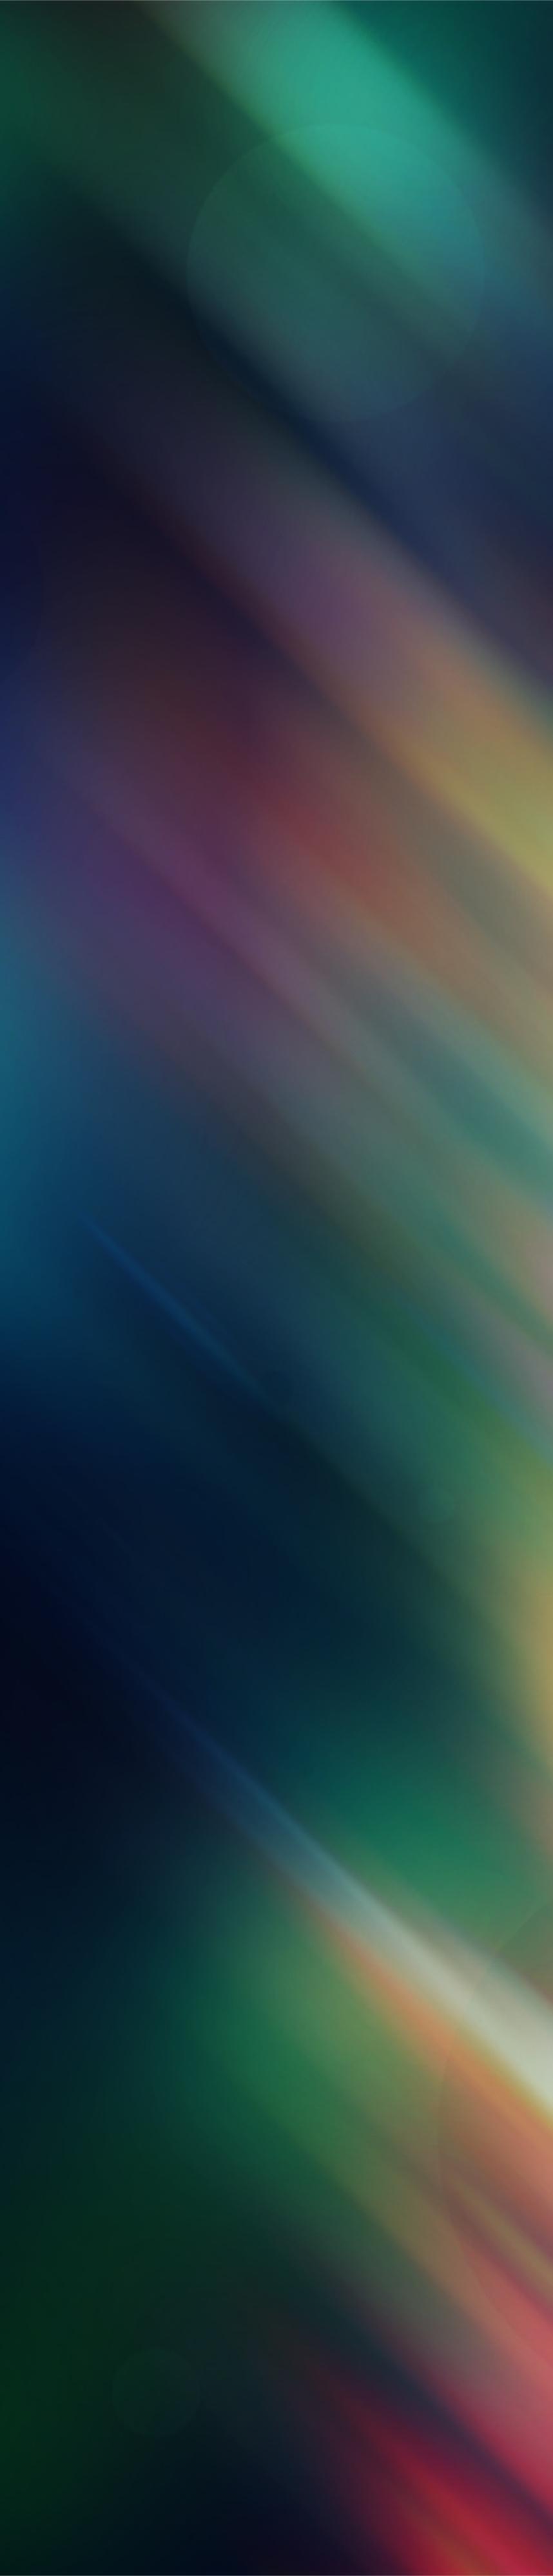 Lesdin Mai Background